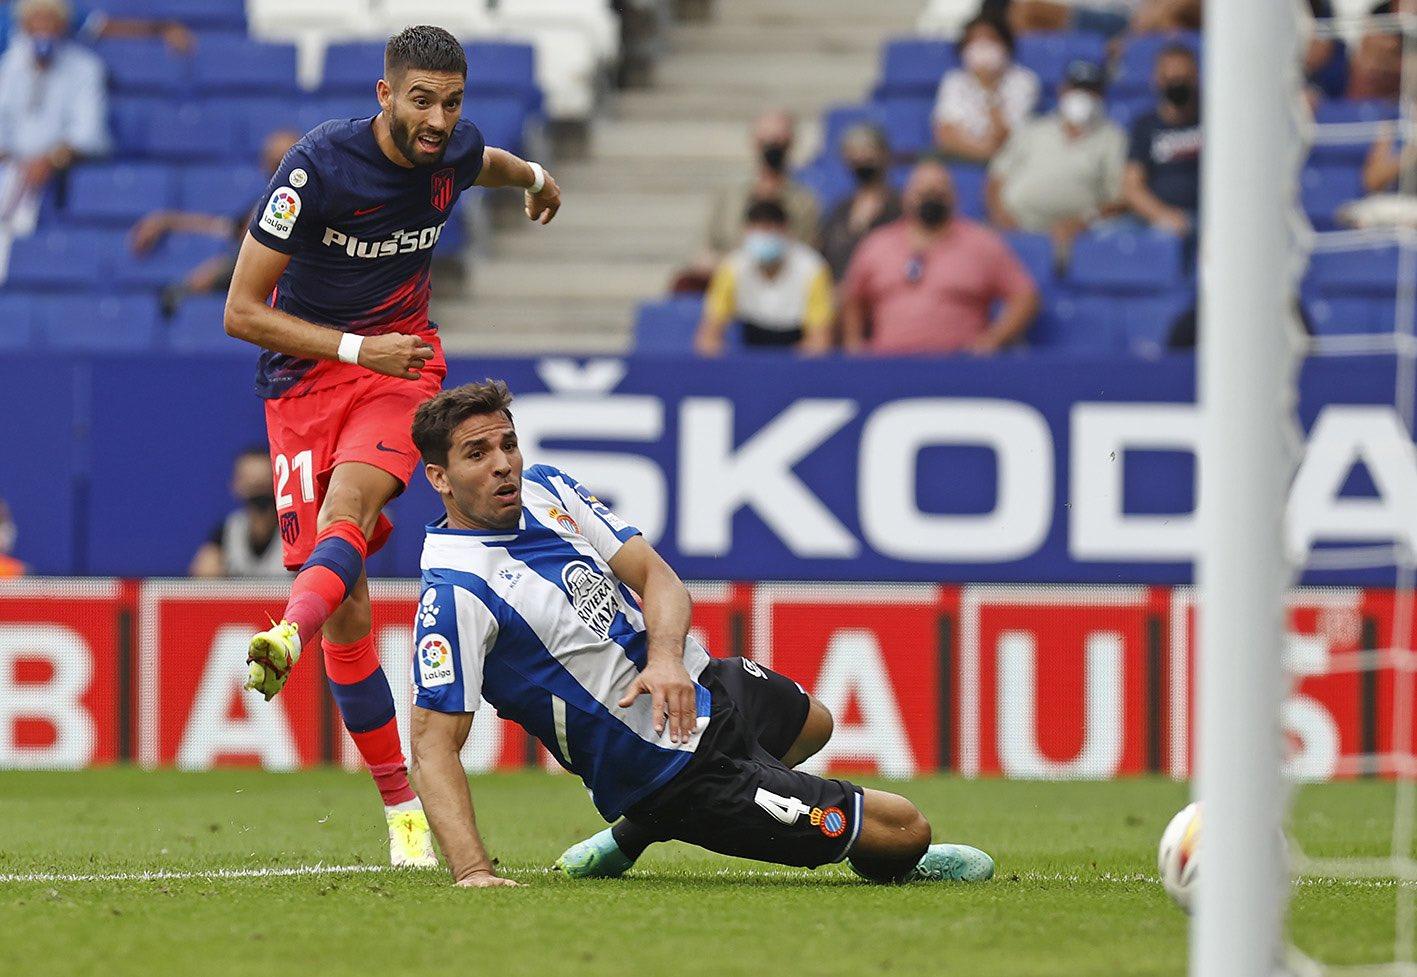 مباراة أتلتيكو مدريد وإسبانيول في الدوري الإسباني